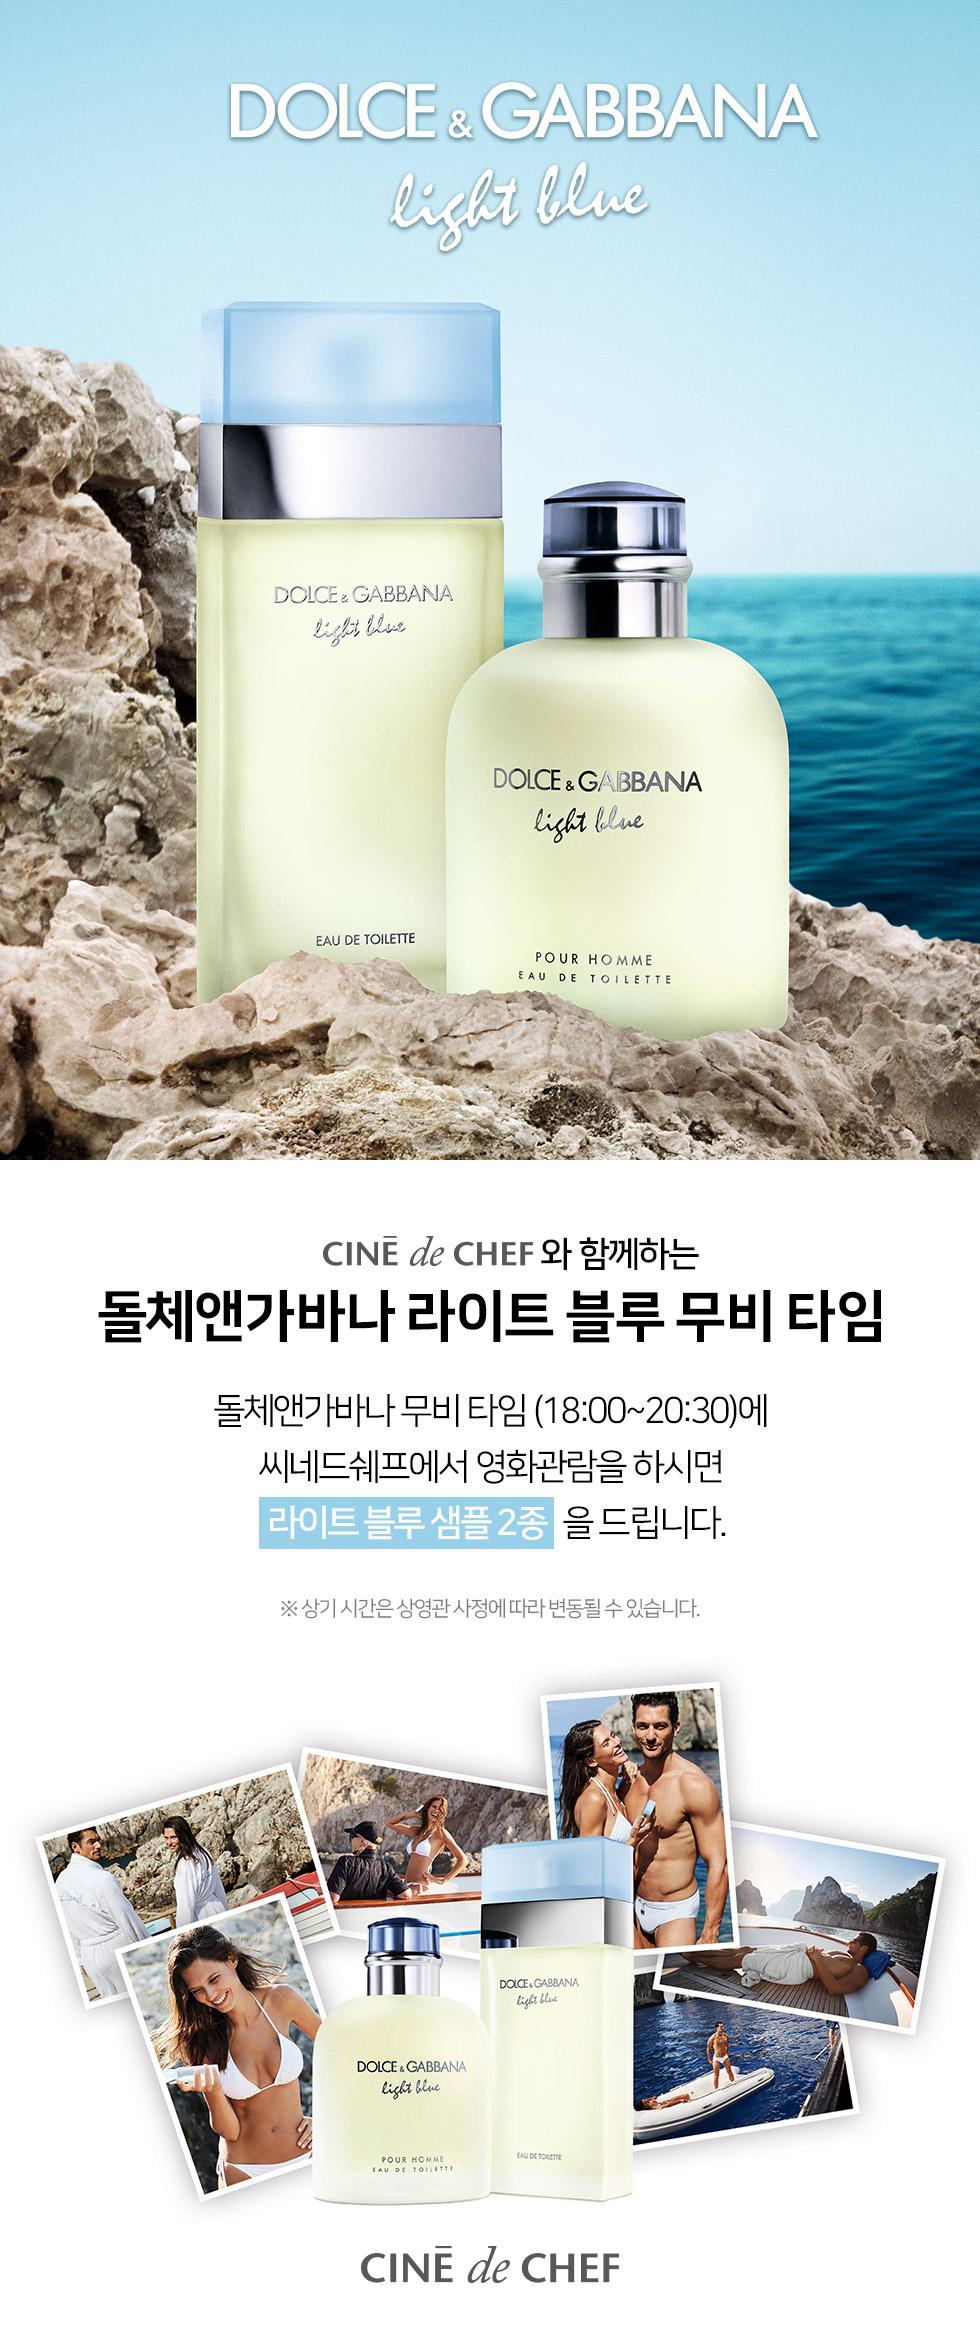 CGV극장별 씨네드쉐프와 함께하는 돌체앤가바나 라이트 블루 무비 타임